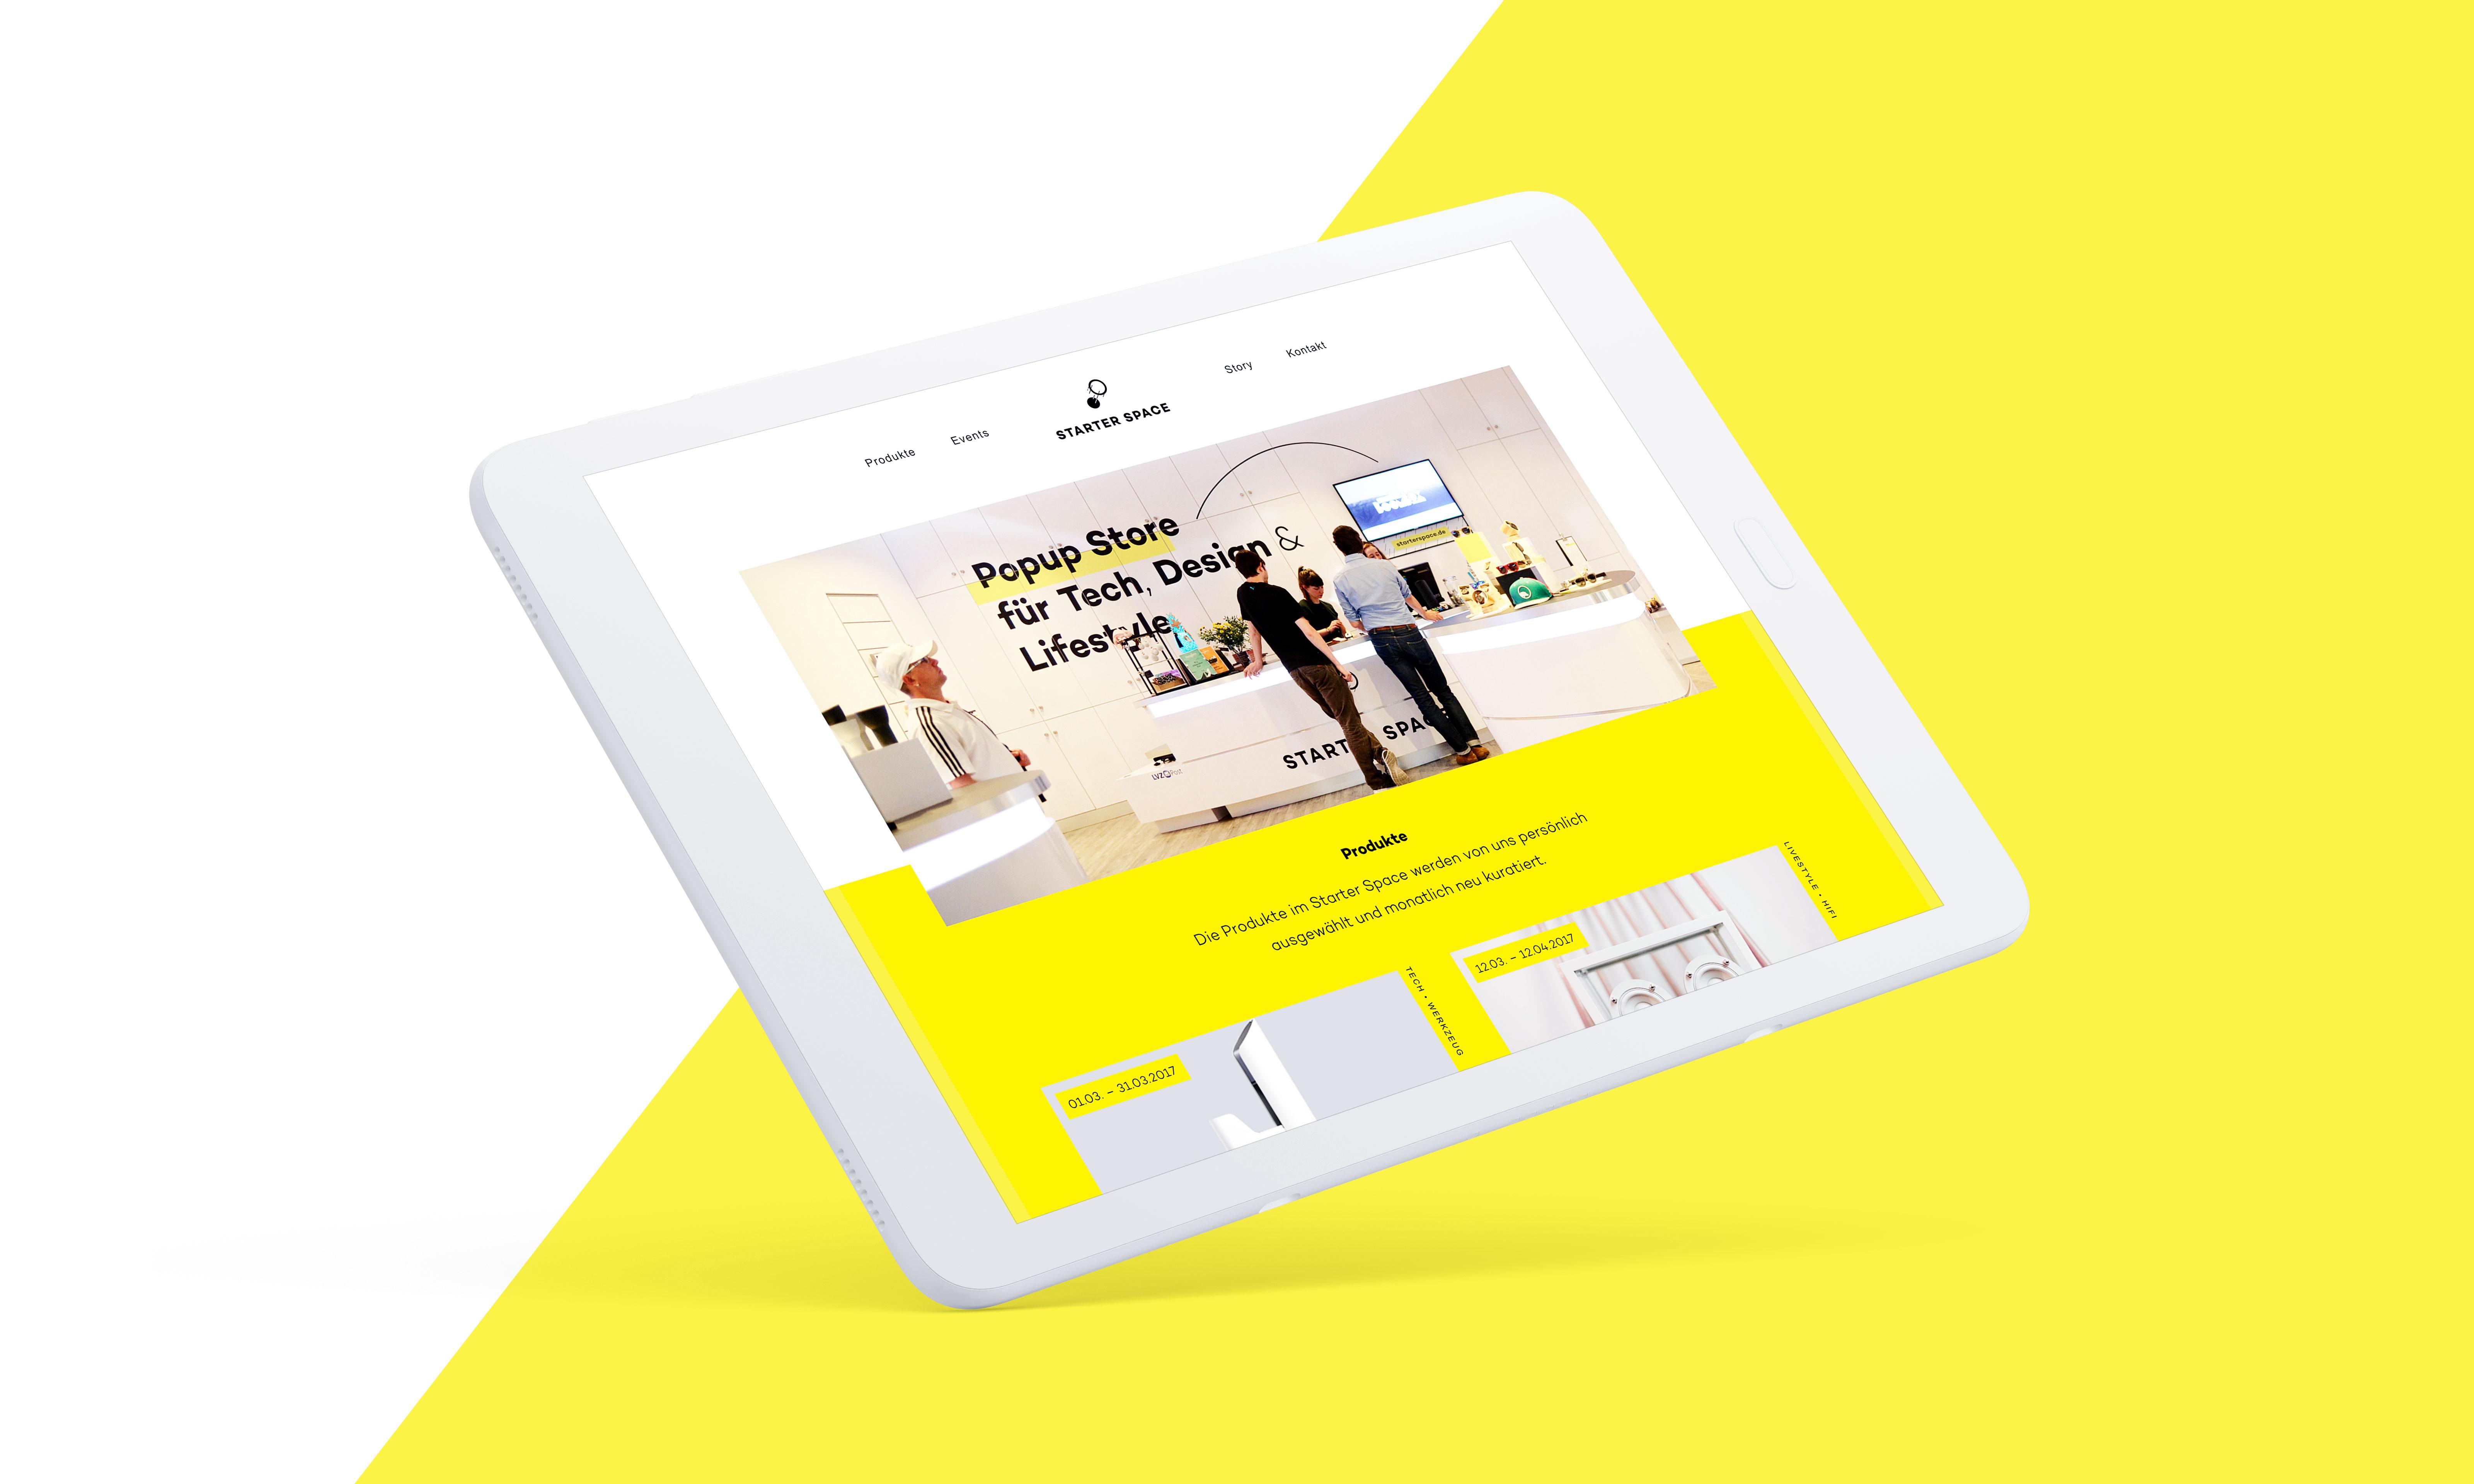 angewinkeltes Tablet mit der Startseite der Website von Starter Space